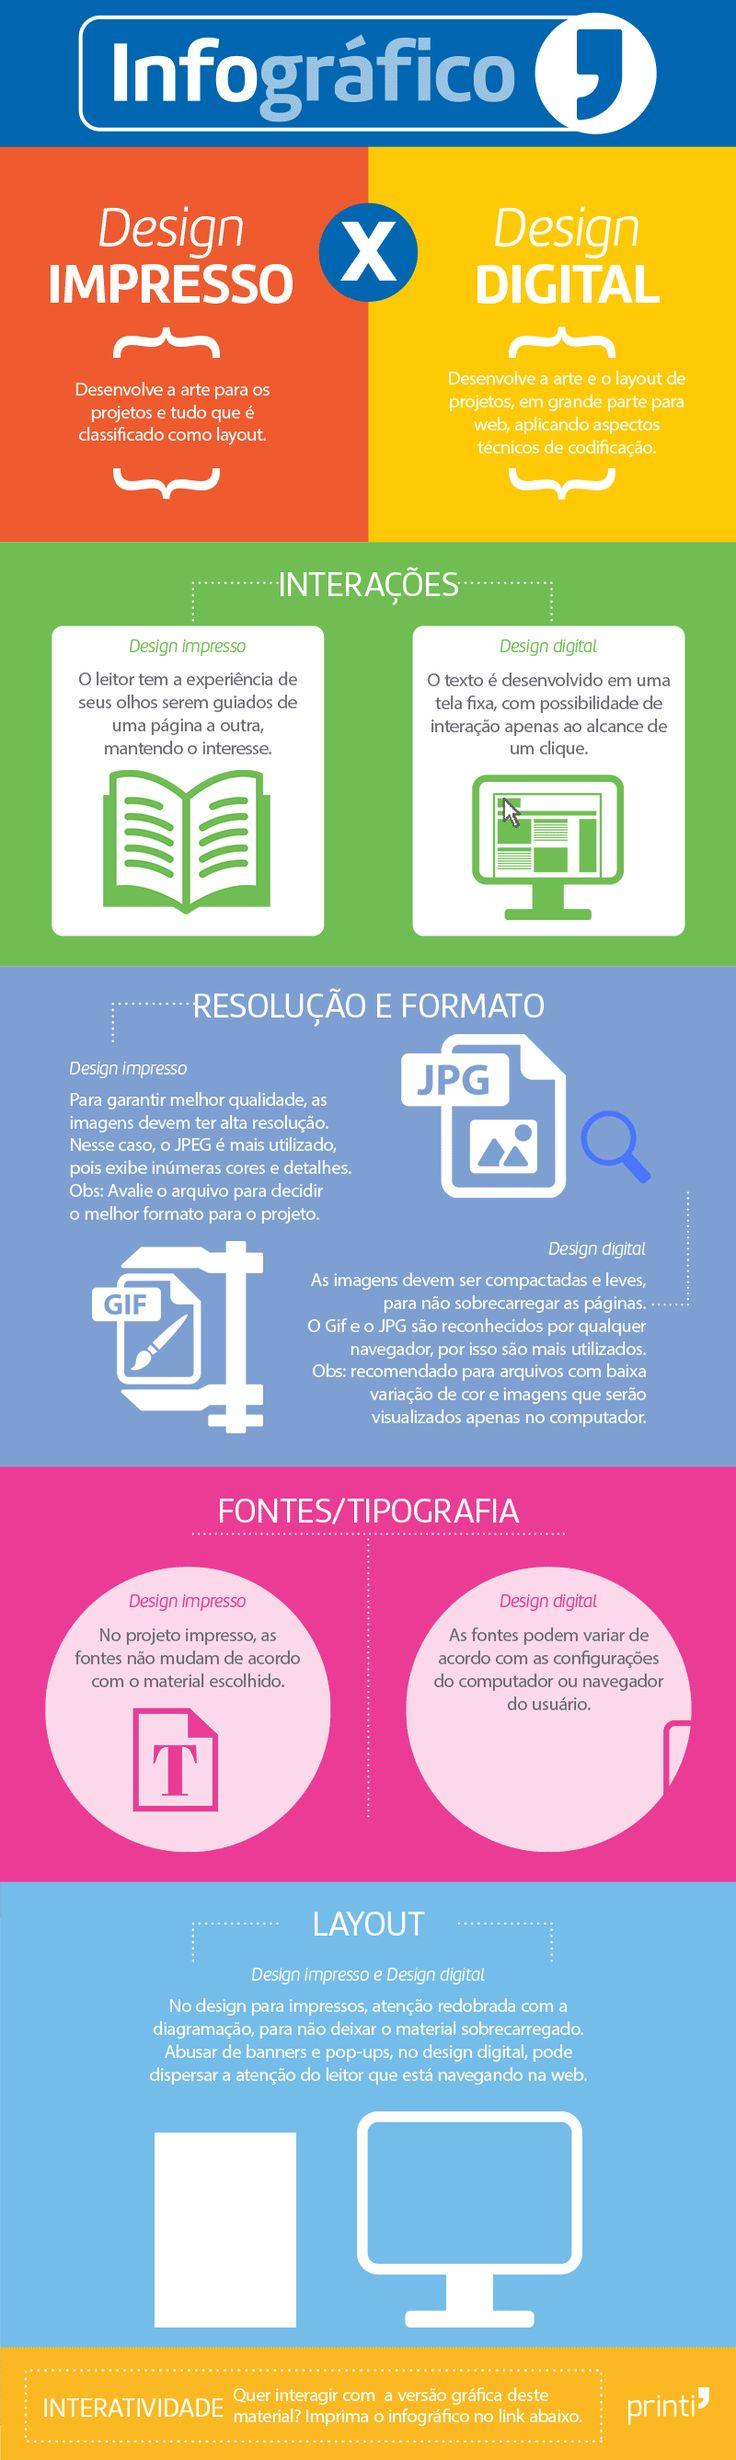 Design Impresso vs Design Digital - Assuntos Criativos